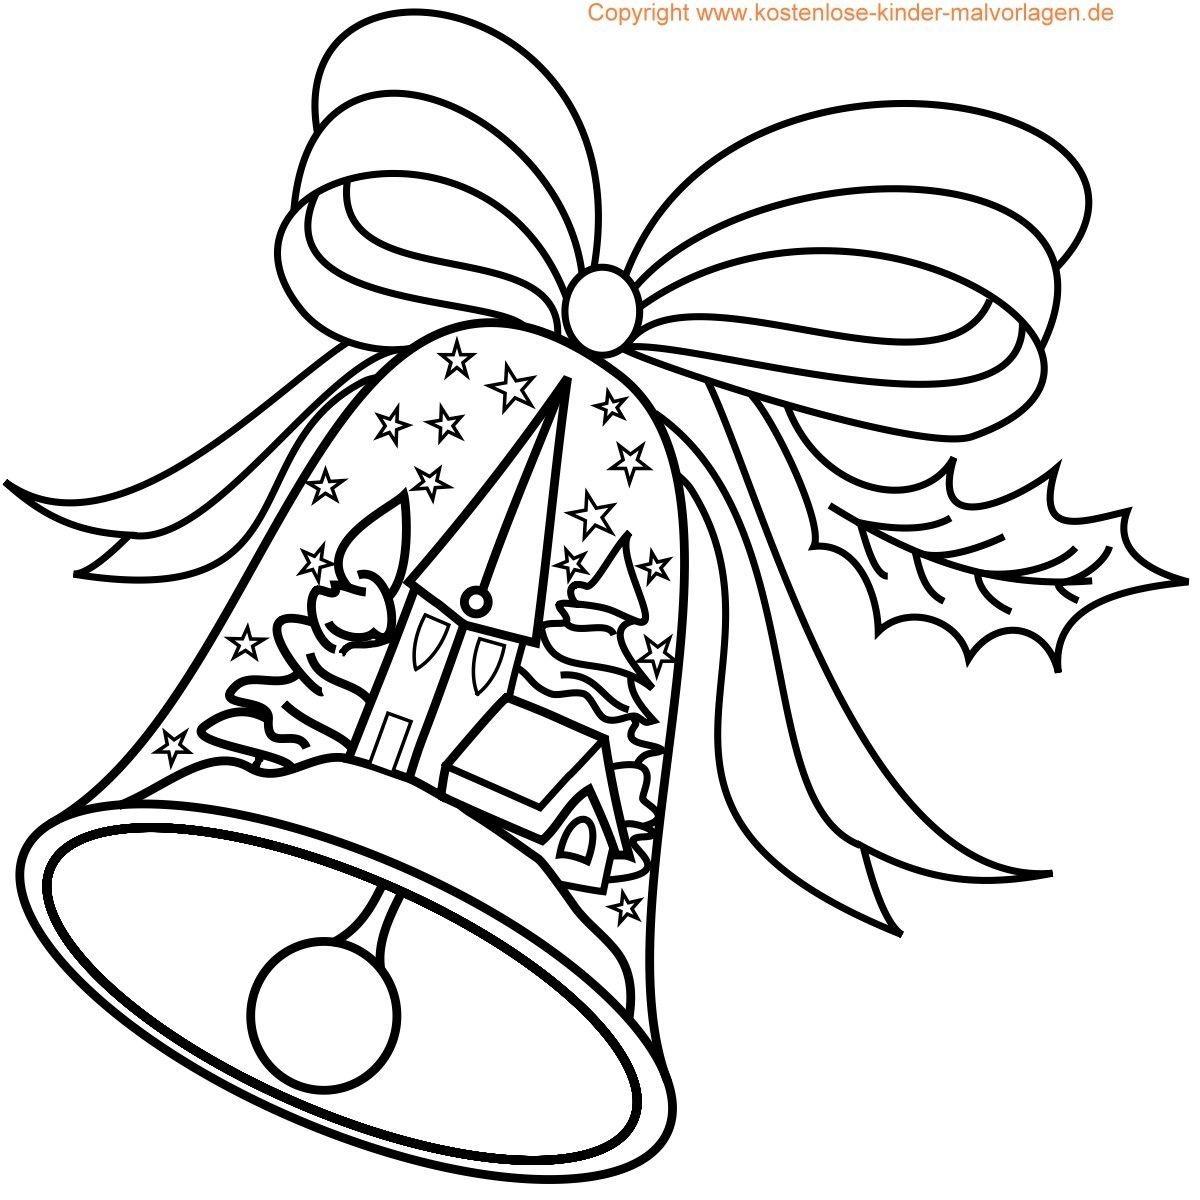 Ten Besser Malvorlagen Window Color Idee 2020 Malvorlagen Weihnachten Kostenlose Ausmalbilder Malvorlagen